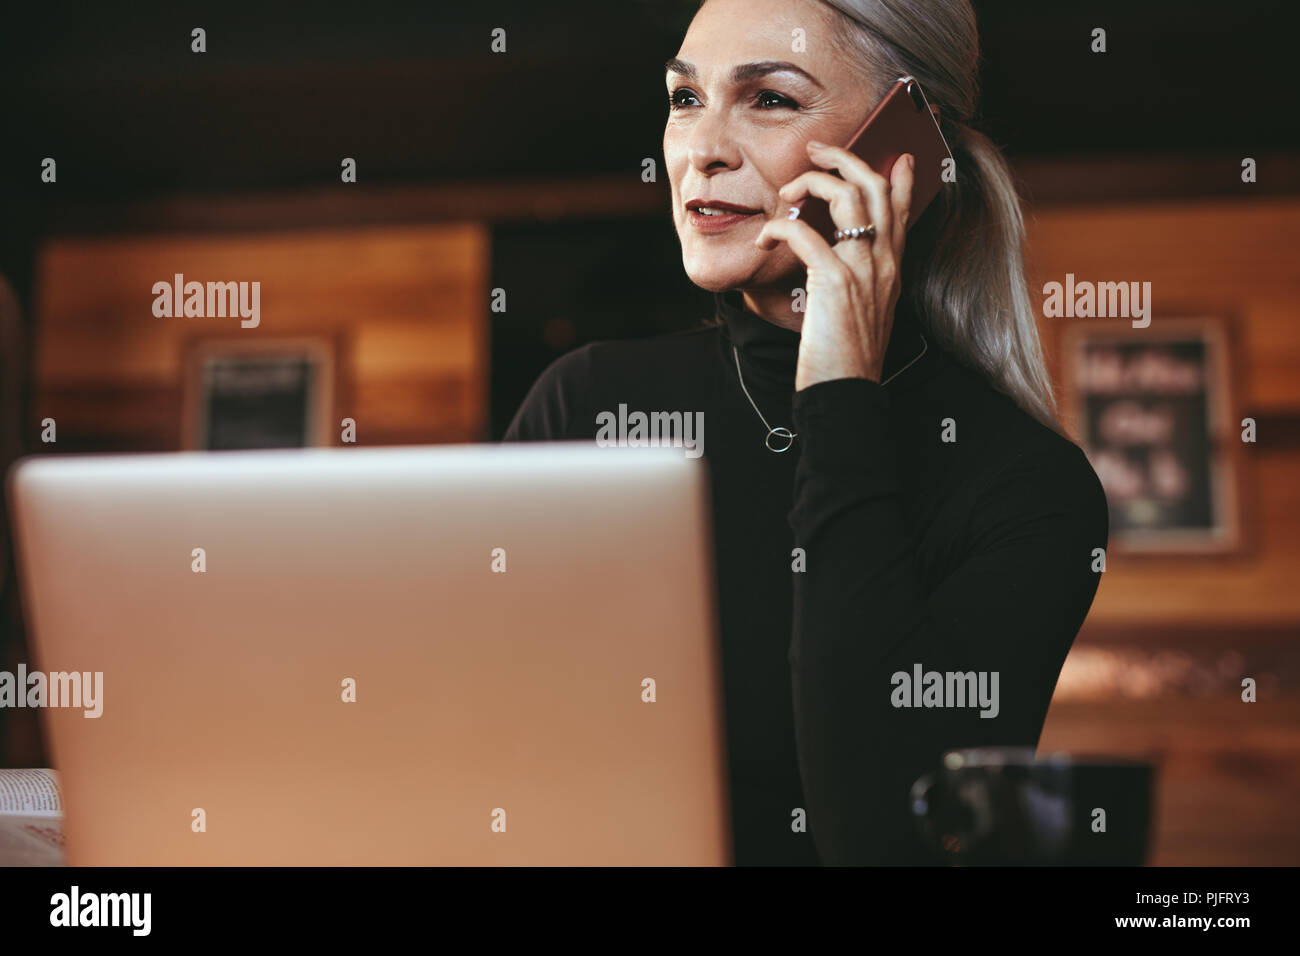 Magnifique Portrait de senior woman sitting at coffee shop et talking on cell phone. Businesswoman making phone call alors qu'il était assis au café. Photo Stock